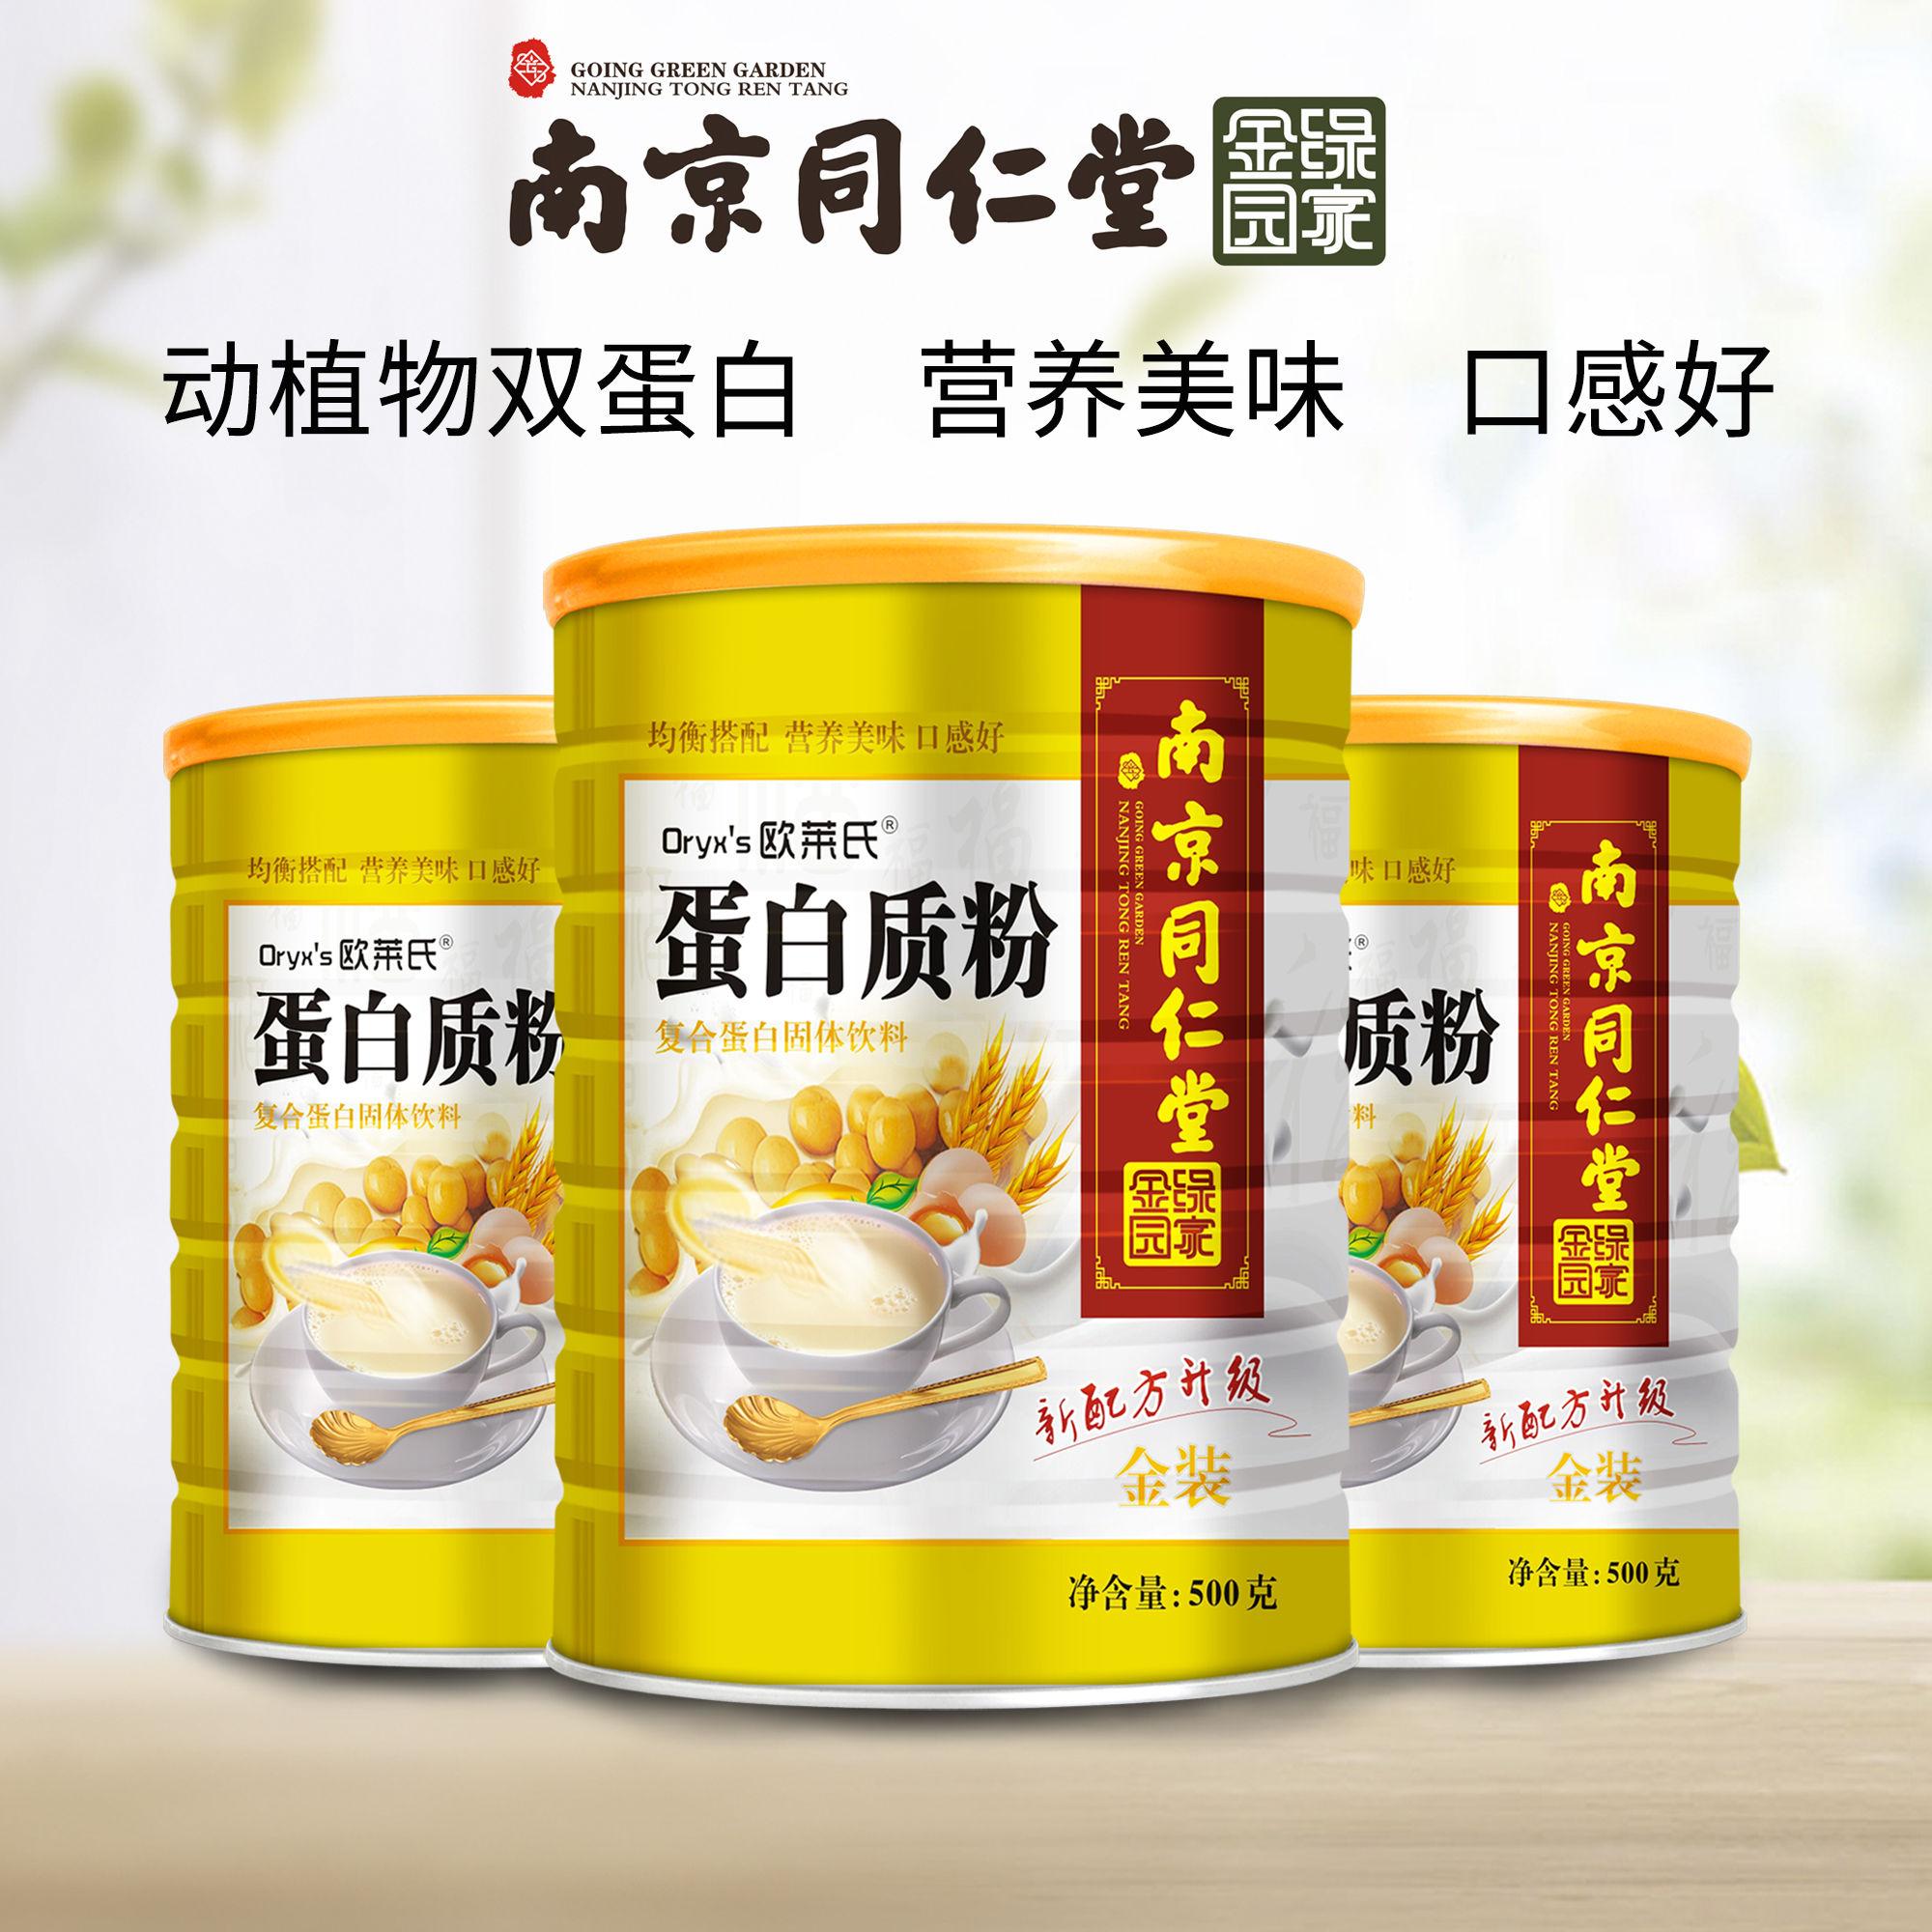 欧莱氏蛋白质粉乳清植物中老年人儿童免疫力高营养品代餐粉